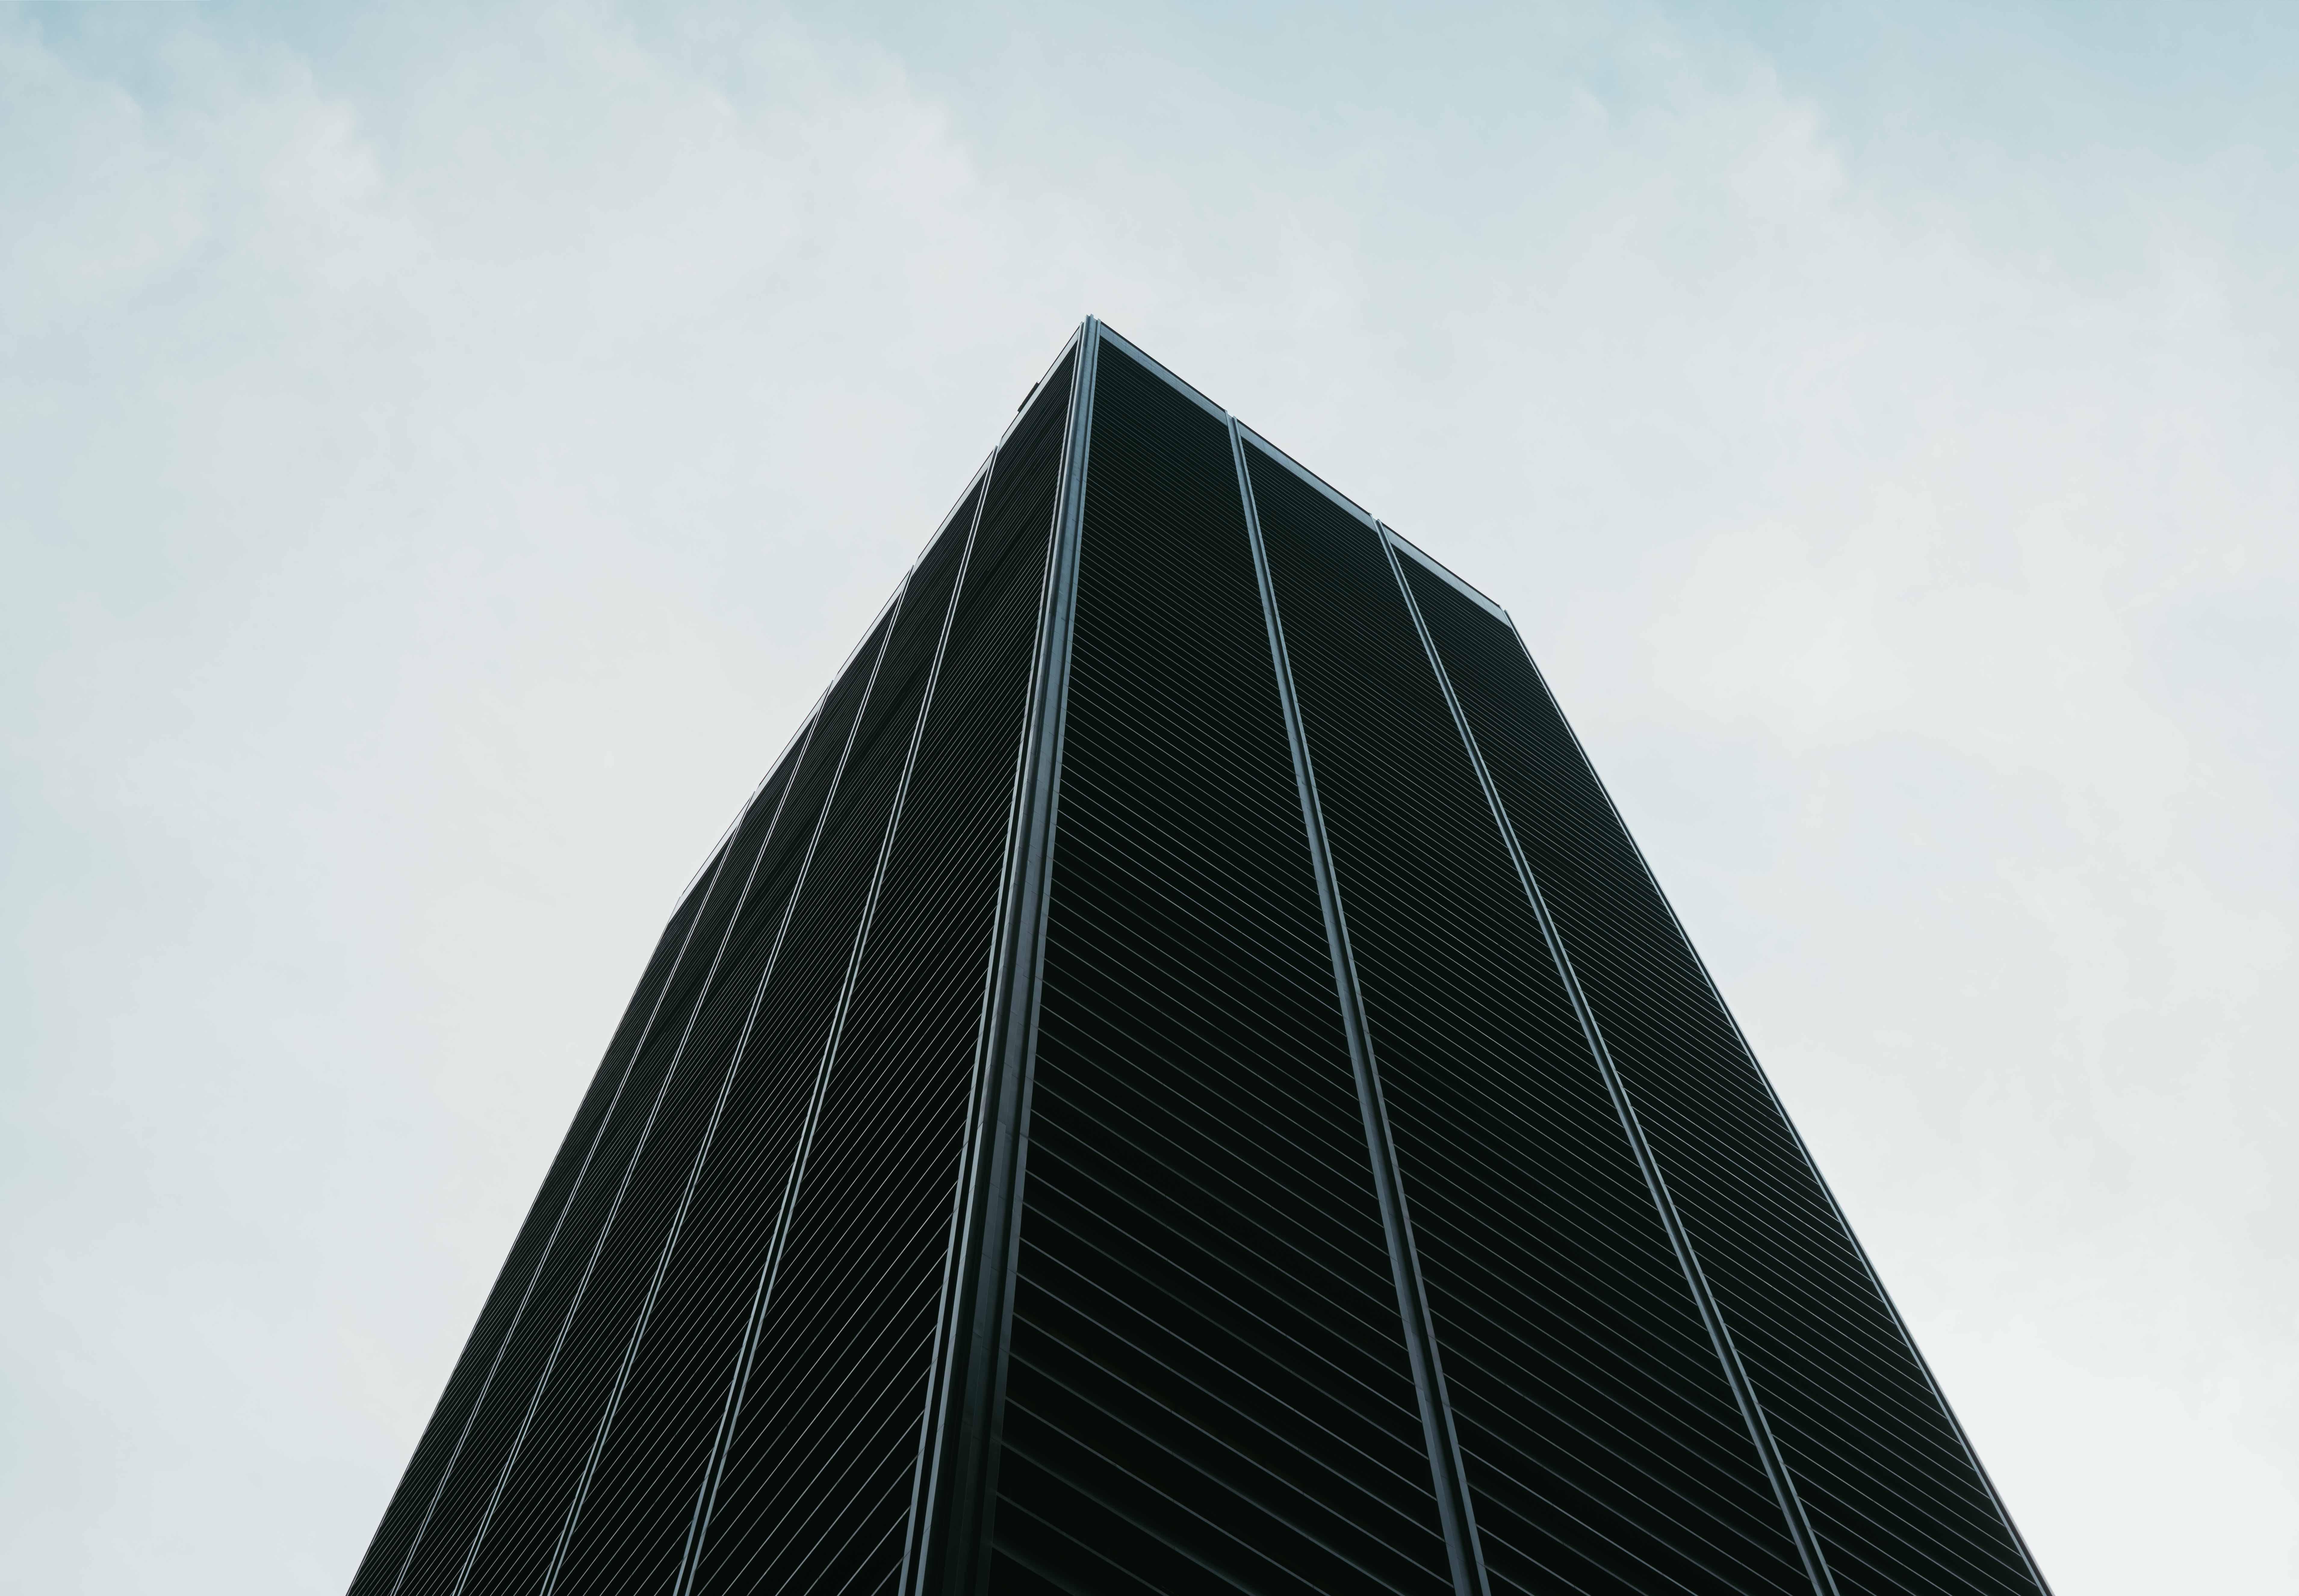 worm's eye view of black buildings